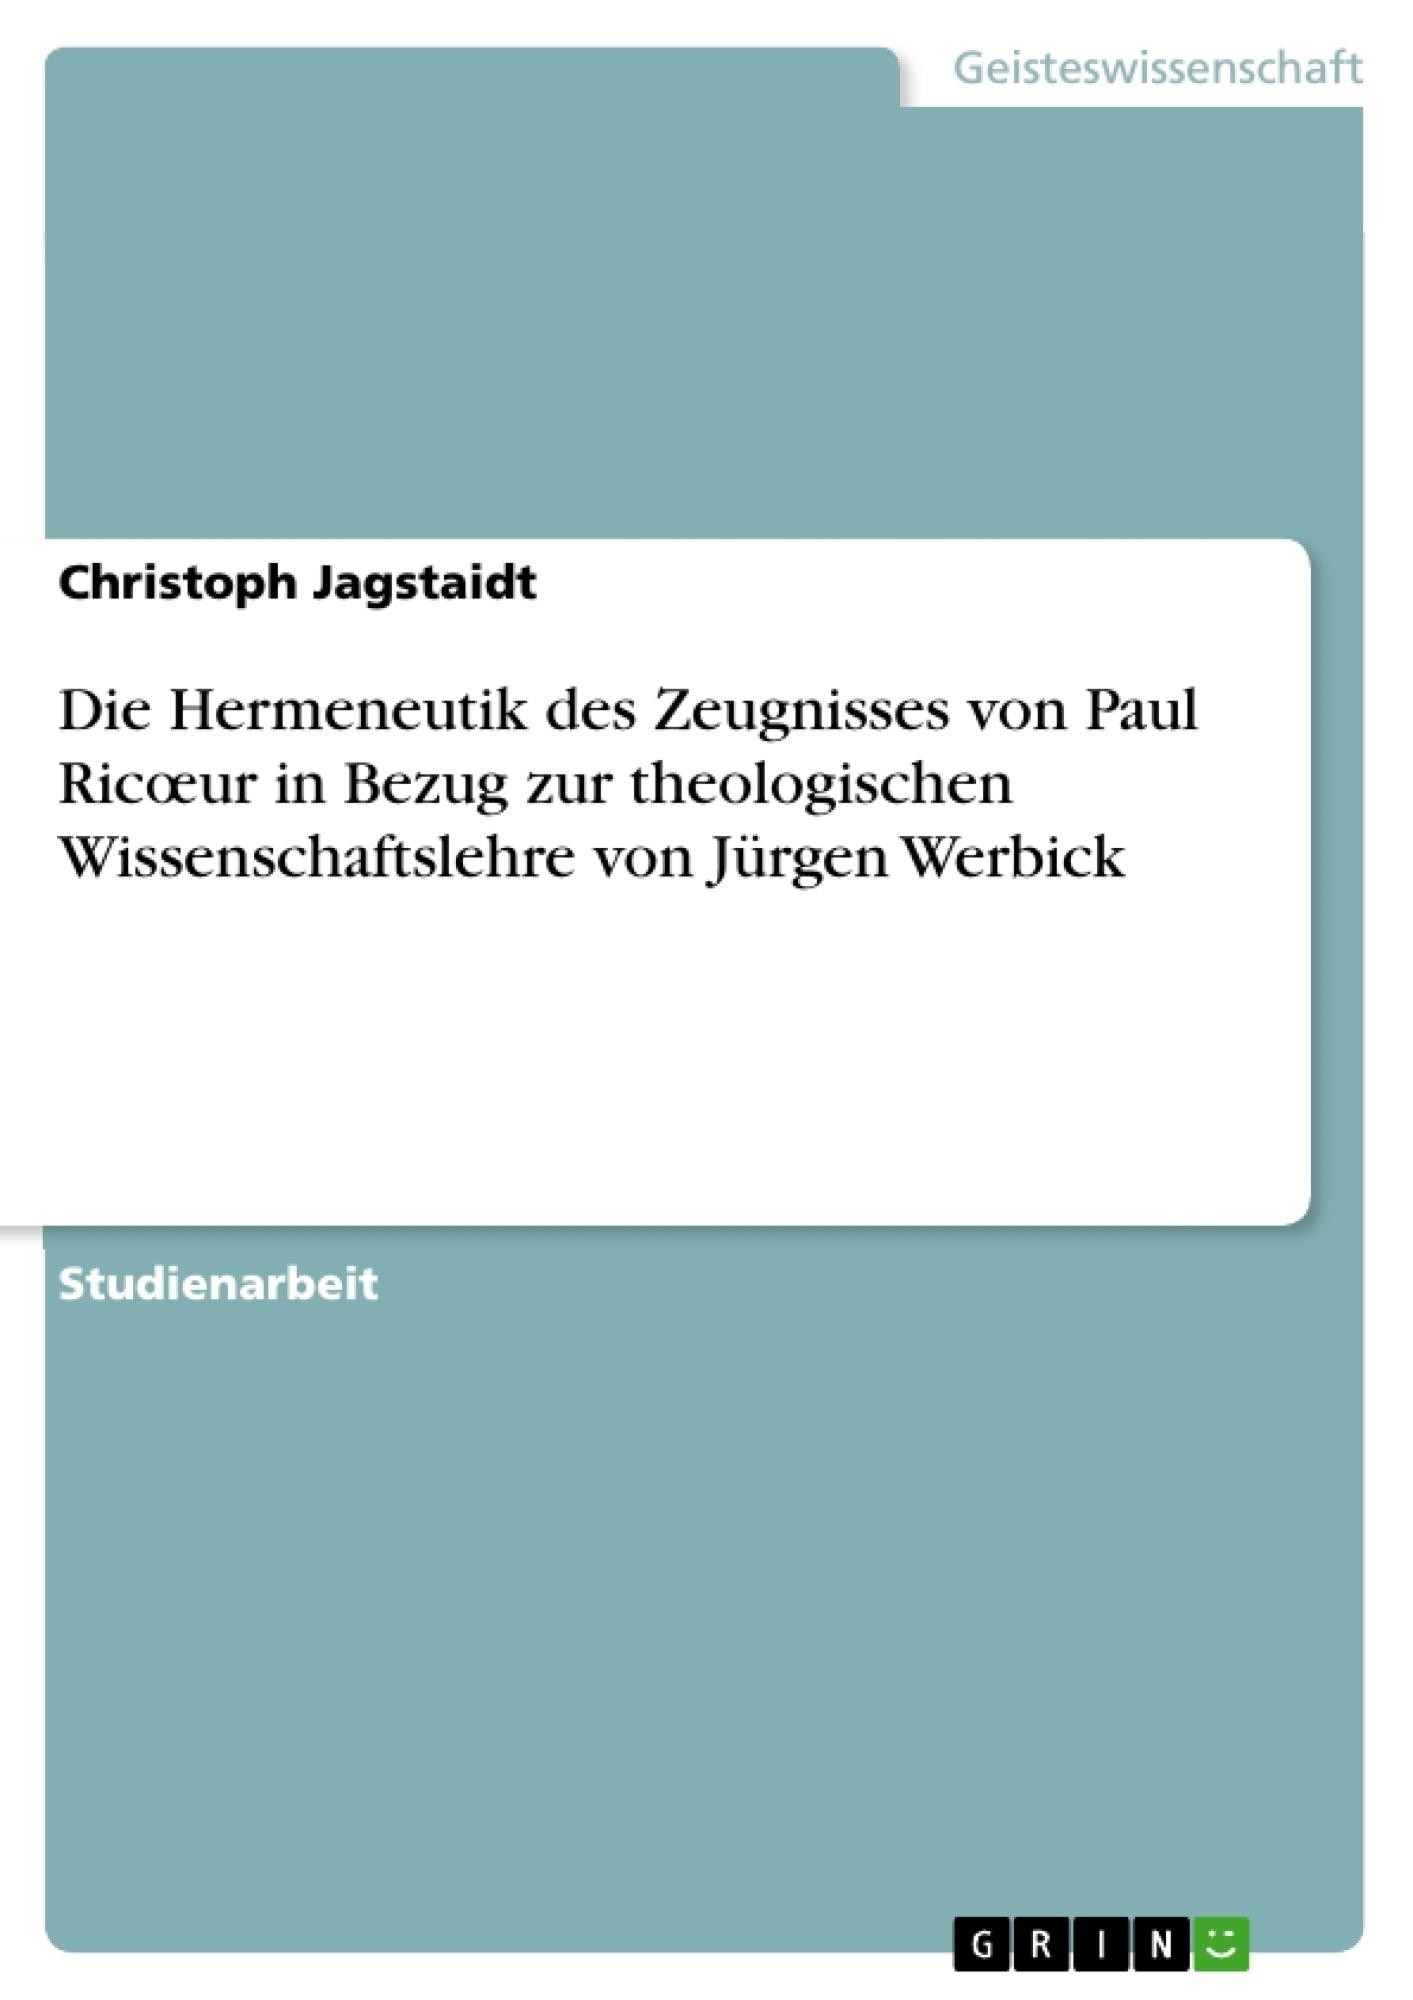 Titel: Die Hermeneutik des Zeugnisses von Paul Ricœur in Bezug zur theologischen Wissenschaftslehre von Jürgen Werbick